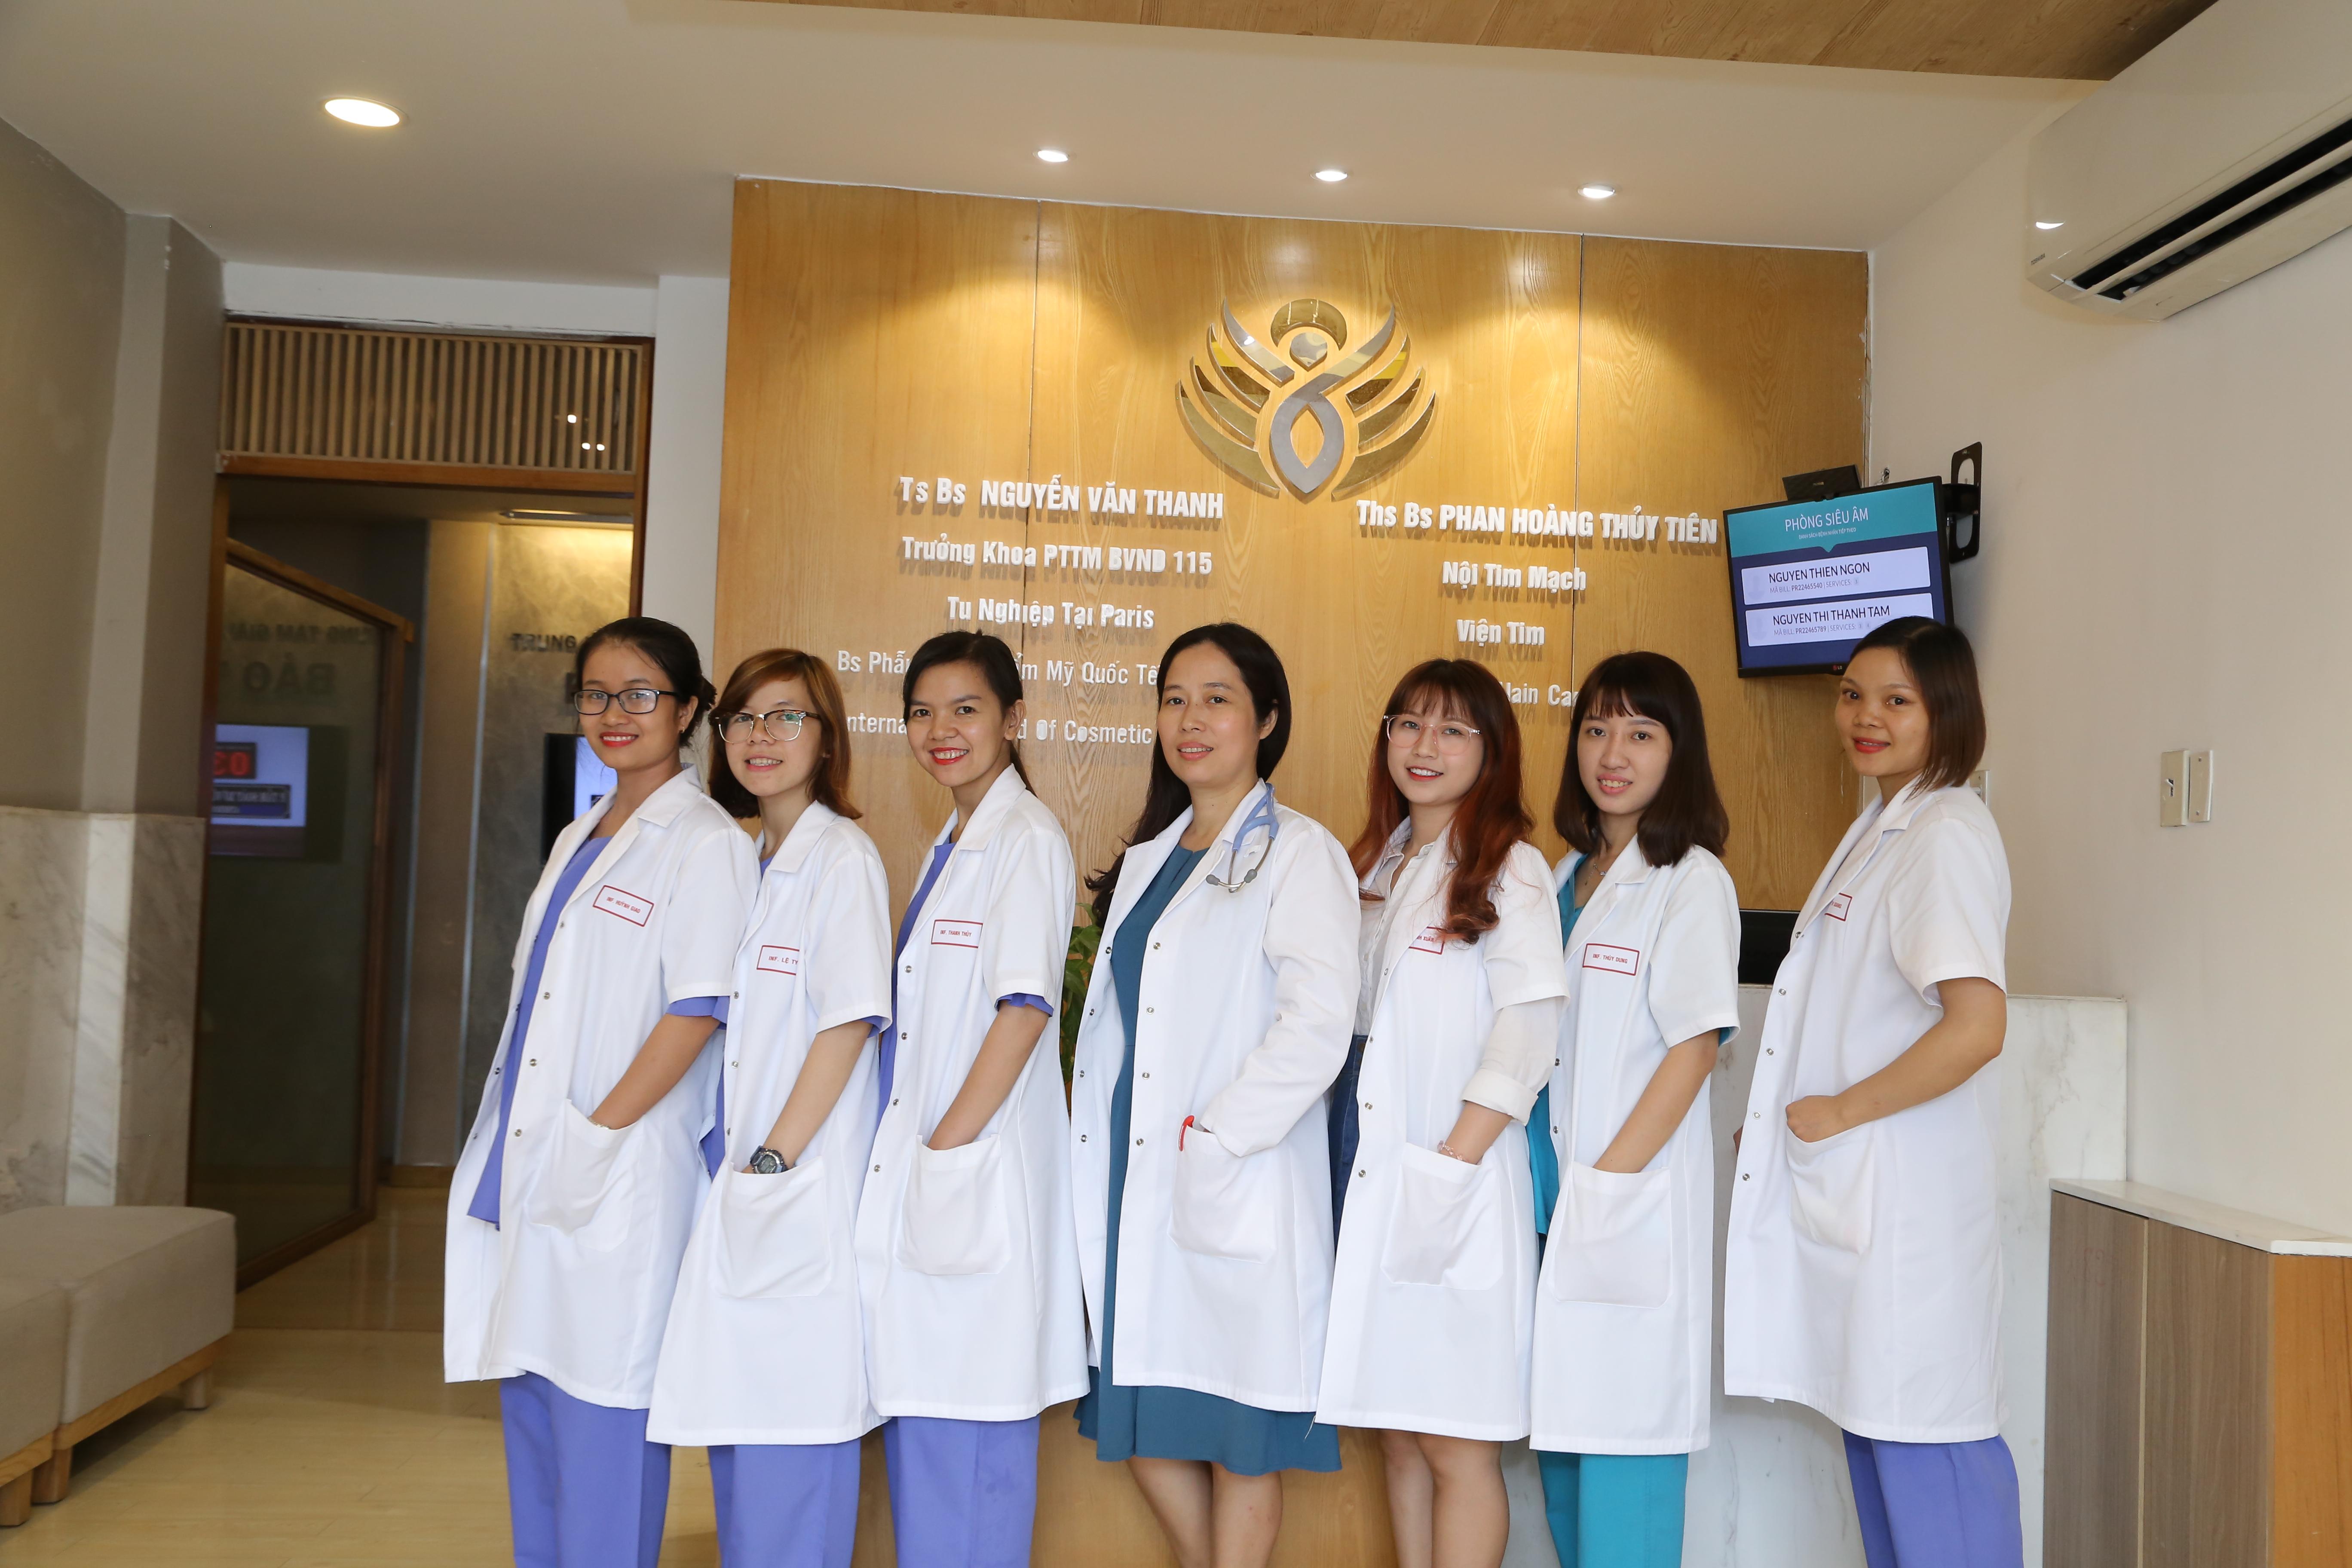 Khám tim mạch ở HCM chọn bác sĩ nào tốt nhất?